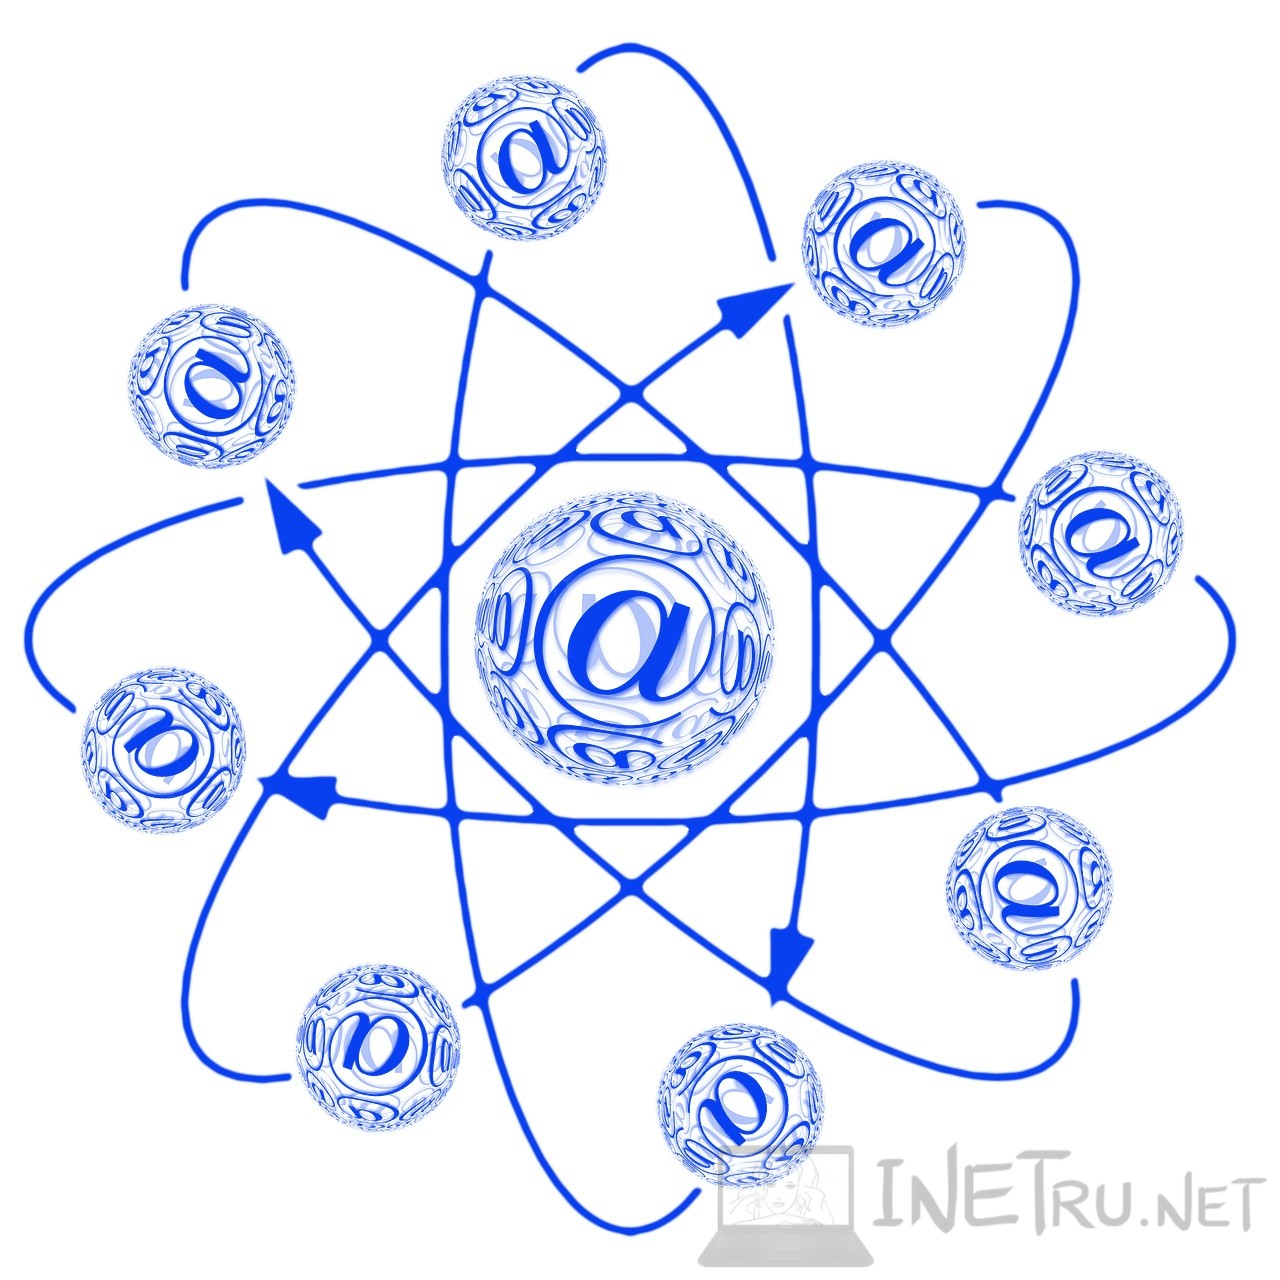 всемирная компьютерная сеть интернет